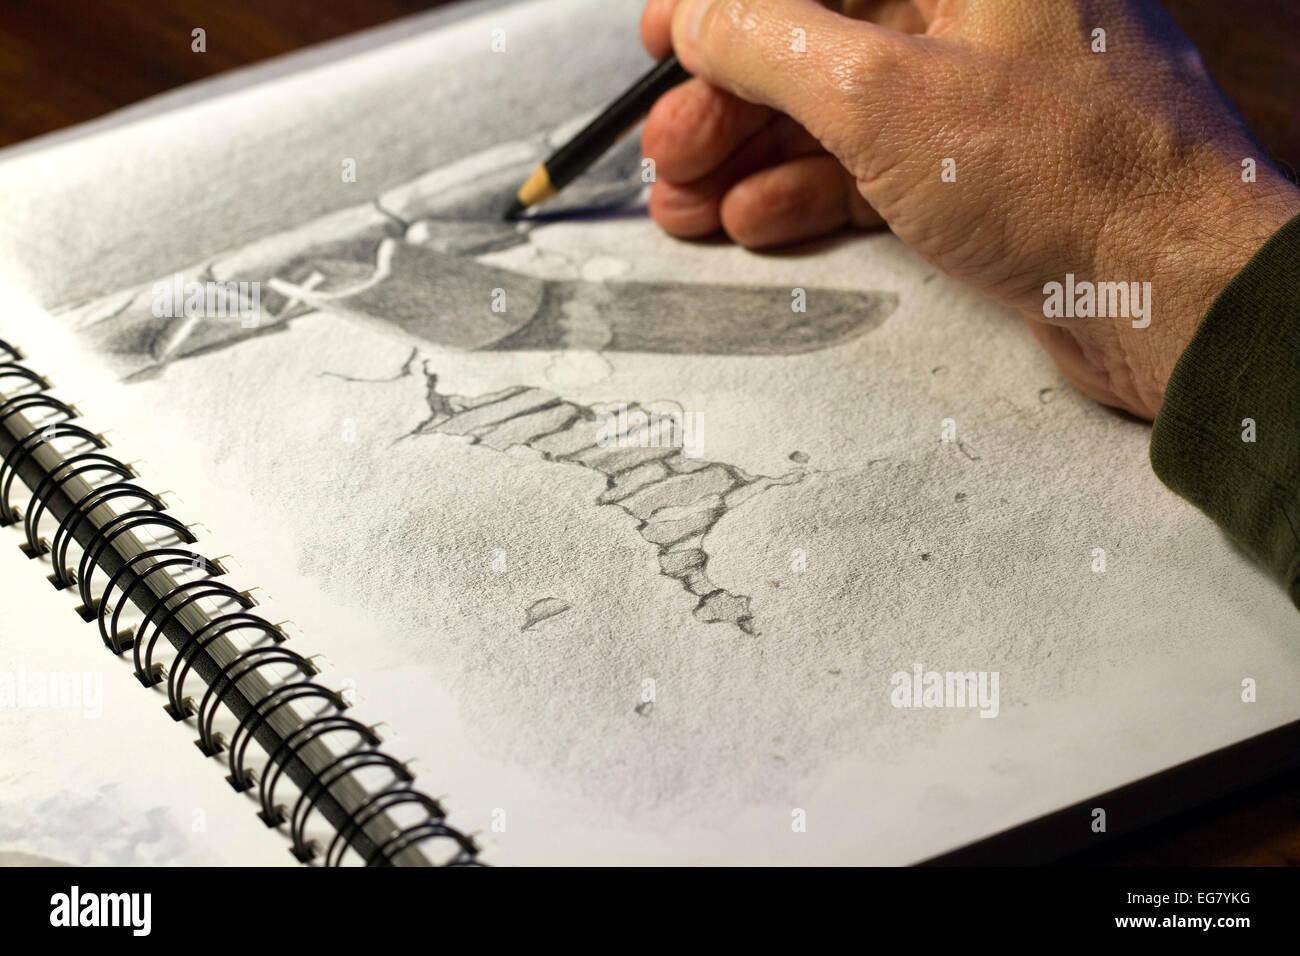 k nstler mit bleistift auf papier zeichnen mit linien und. Black Bedroom Furniture Sets. Home Design Ideas